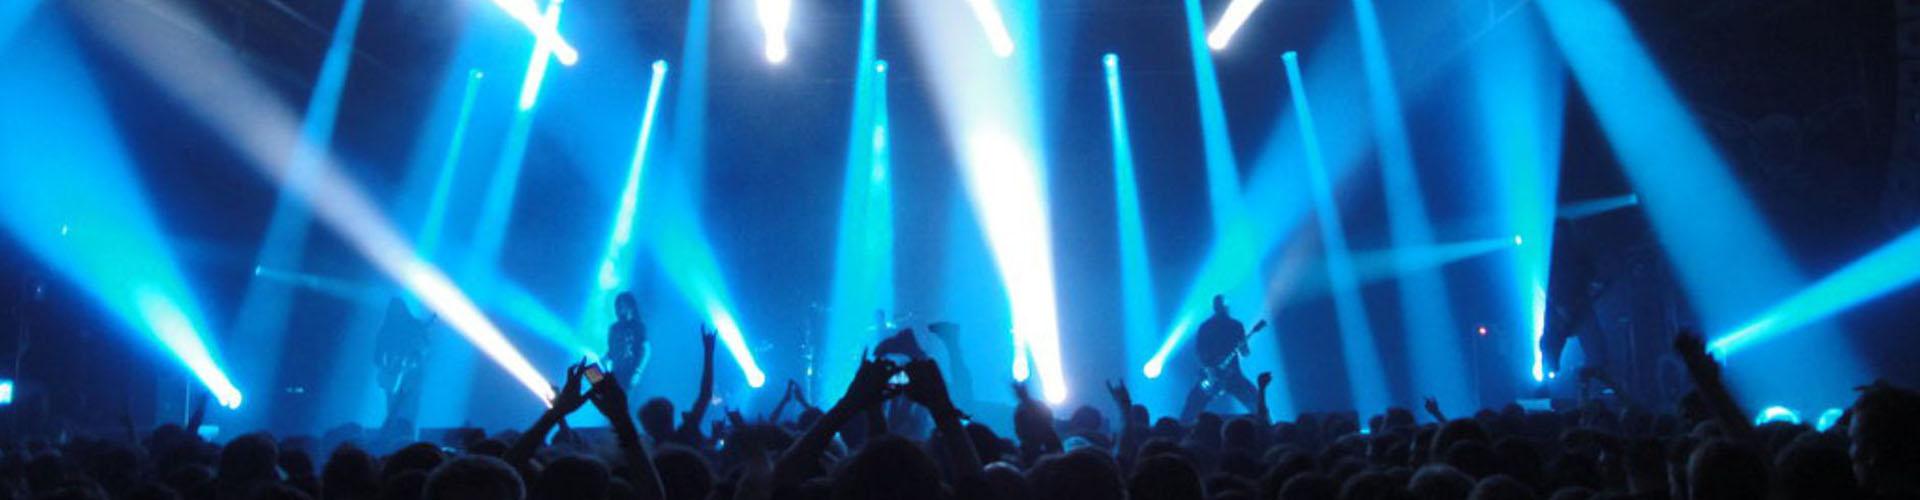 EDP Beach Party com ecrãs led, luz e som da Décibel